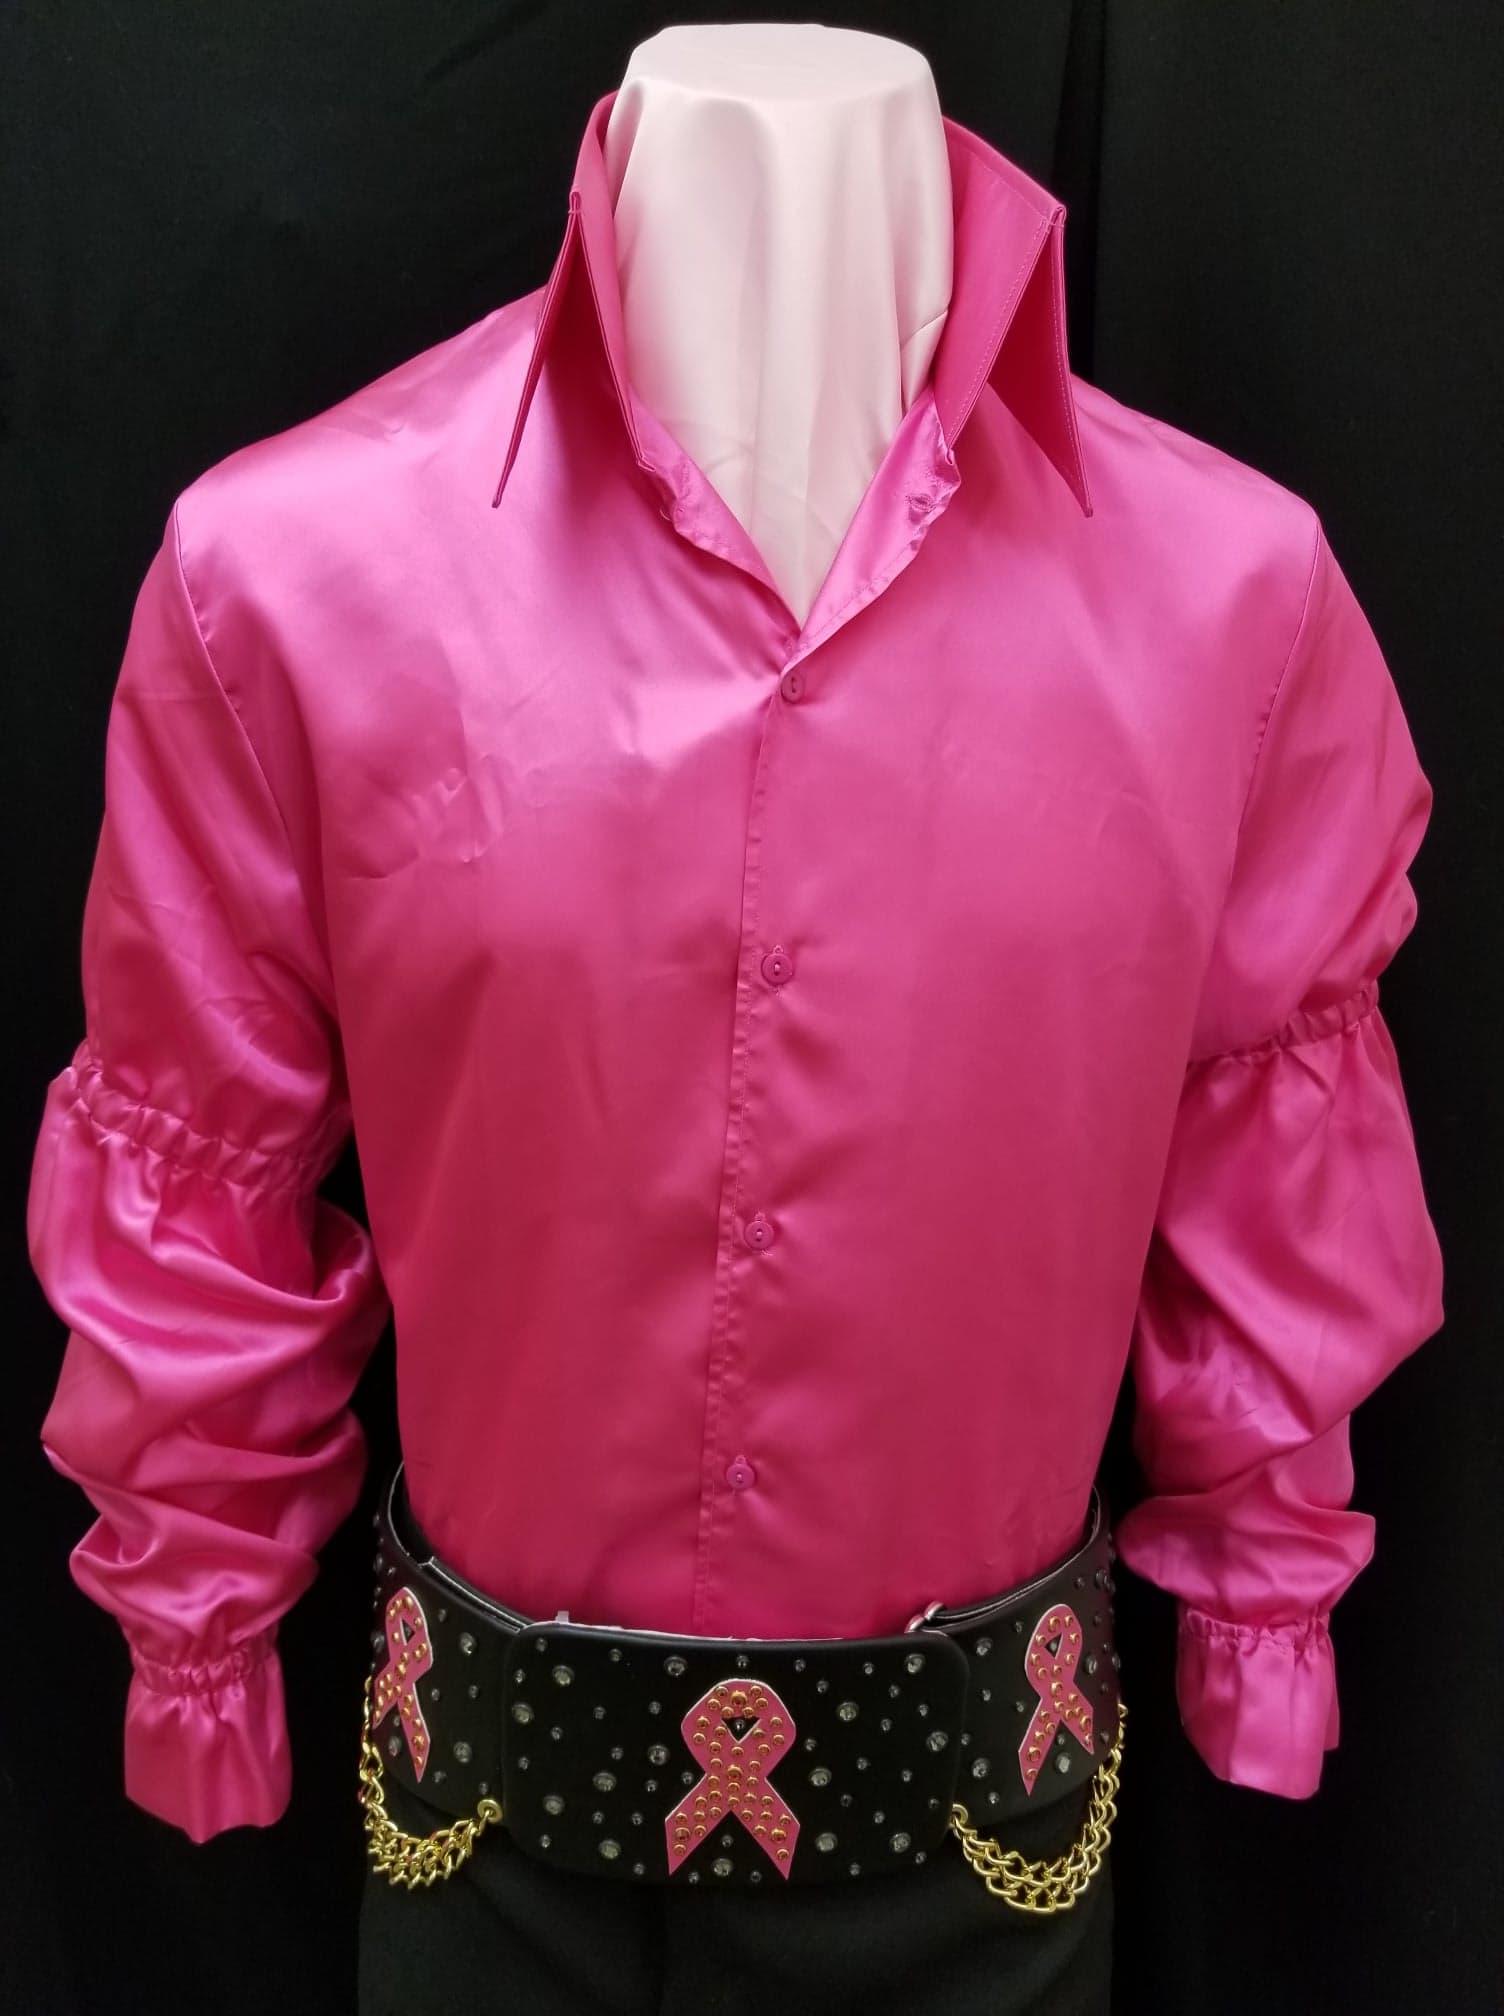 Breast Cancer Shirt & Belt.jpg